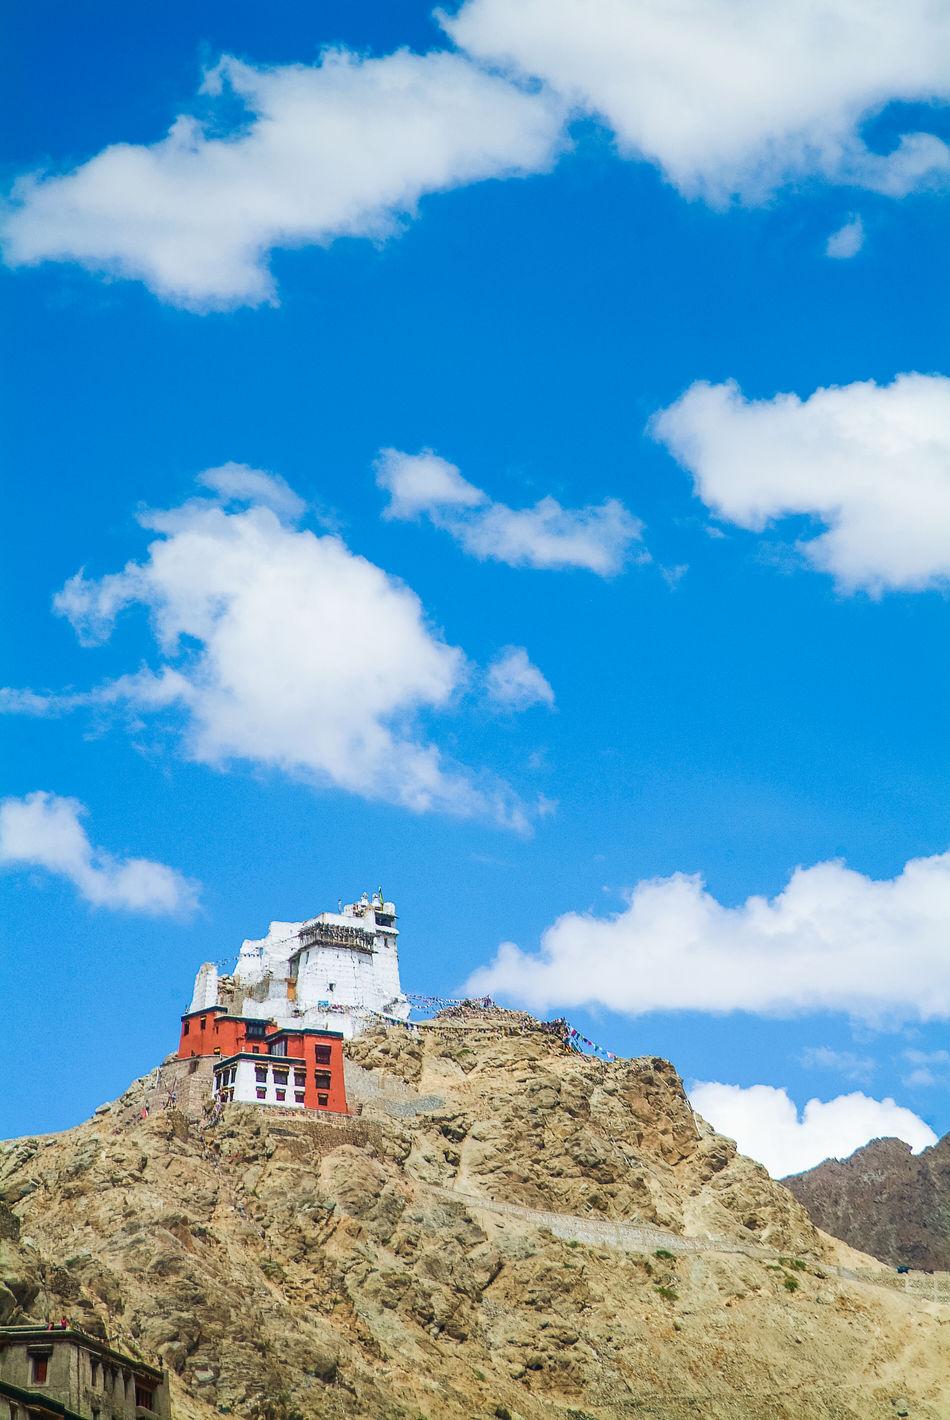 Tsemo Goenkhang, Leh Blue Cloud - Sky Fuji S3 Pro India Leh Leh Ladakh Mountain Nature Outdoors Sky Tsemo Goenkhang